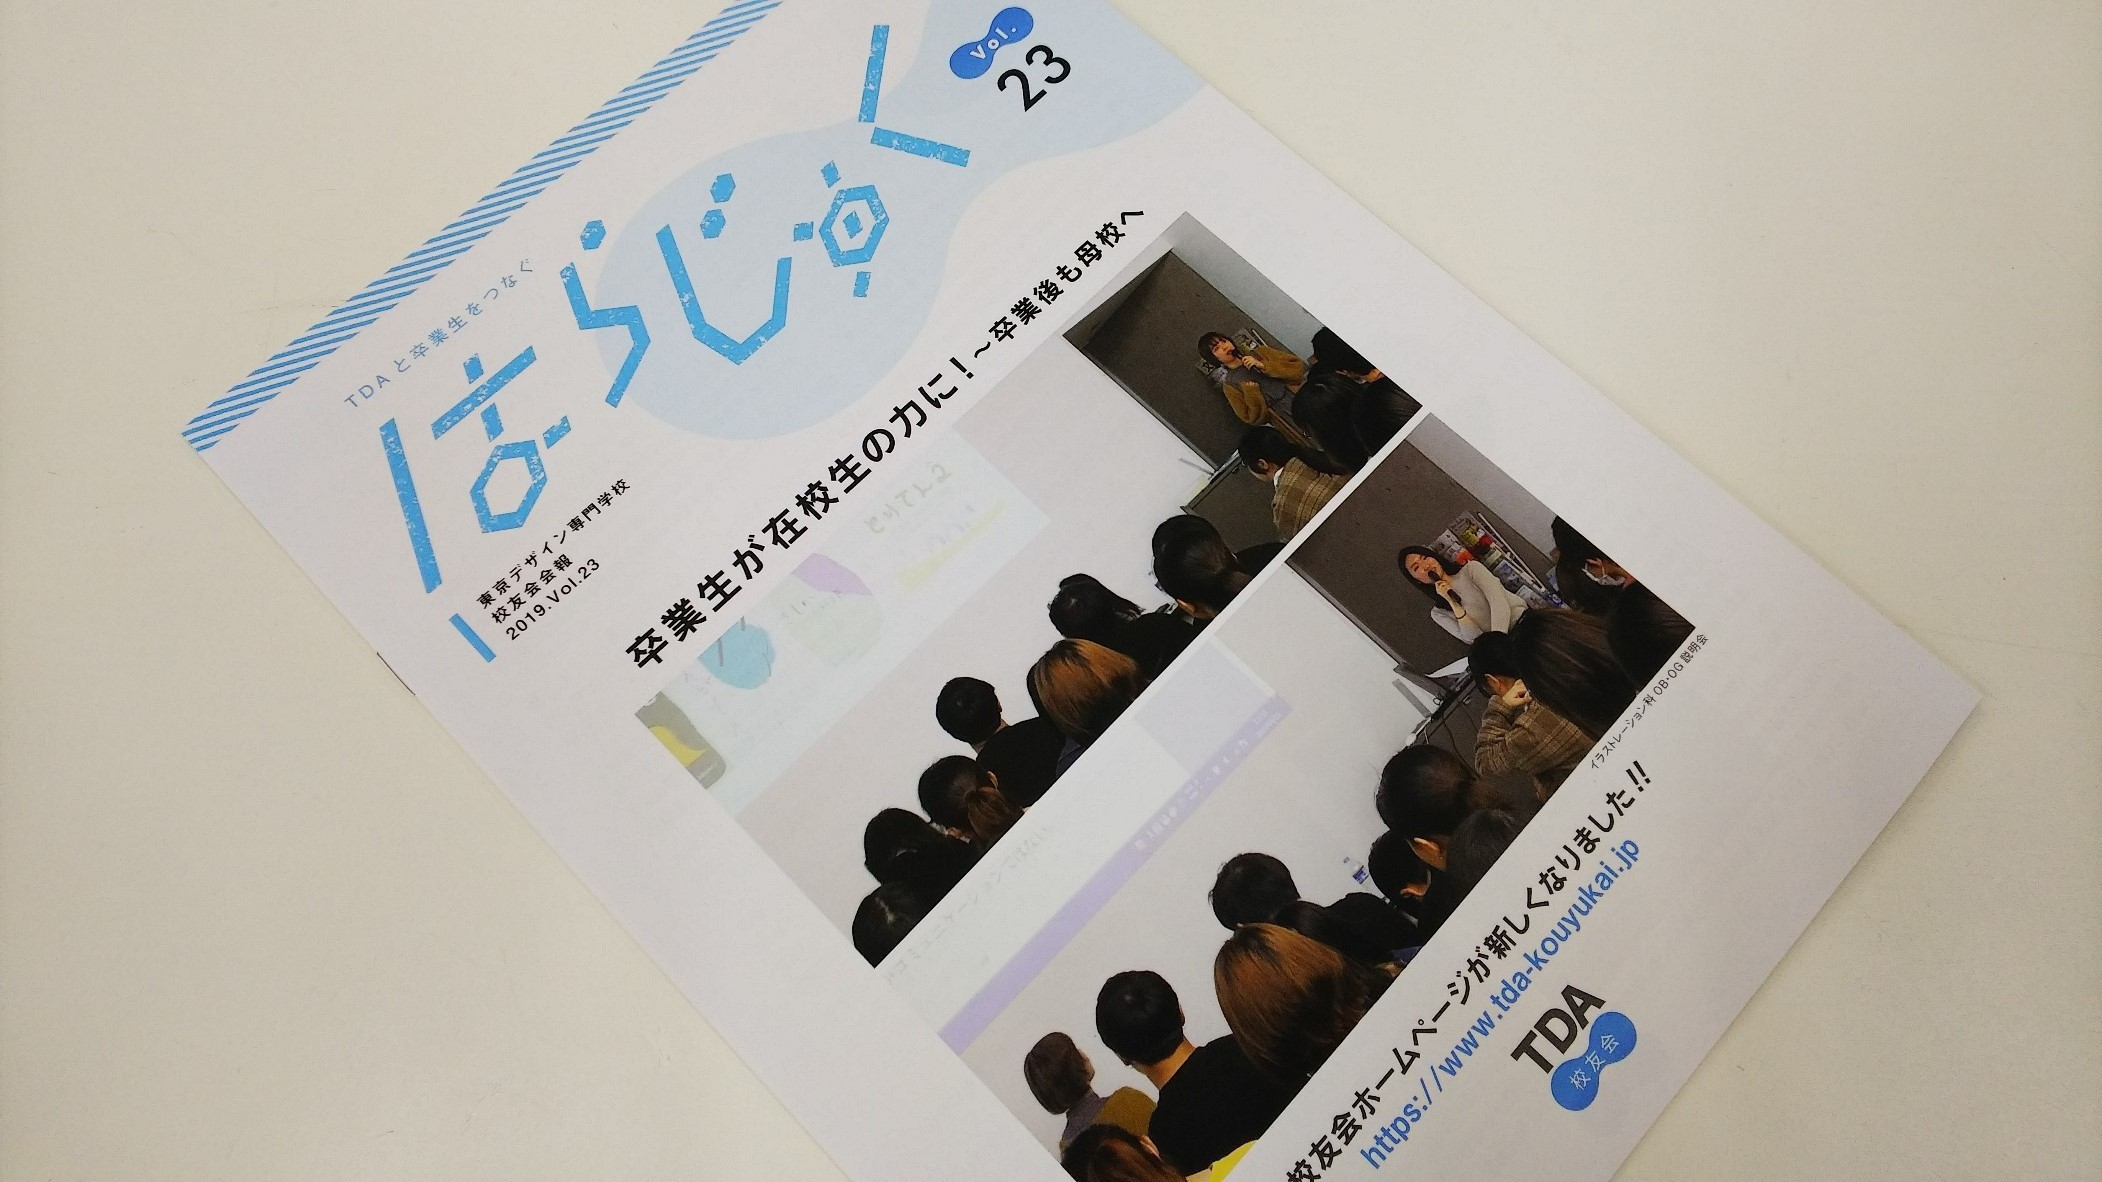 校友会会報誌「はらじゅく」、卒業生の皆様にお届けします